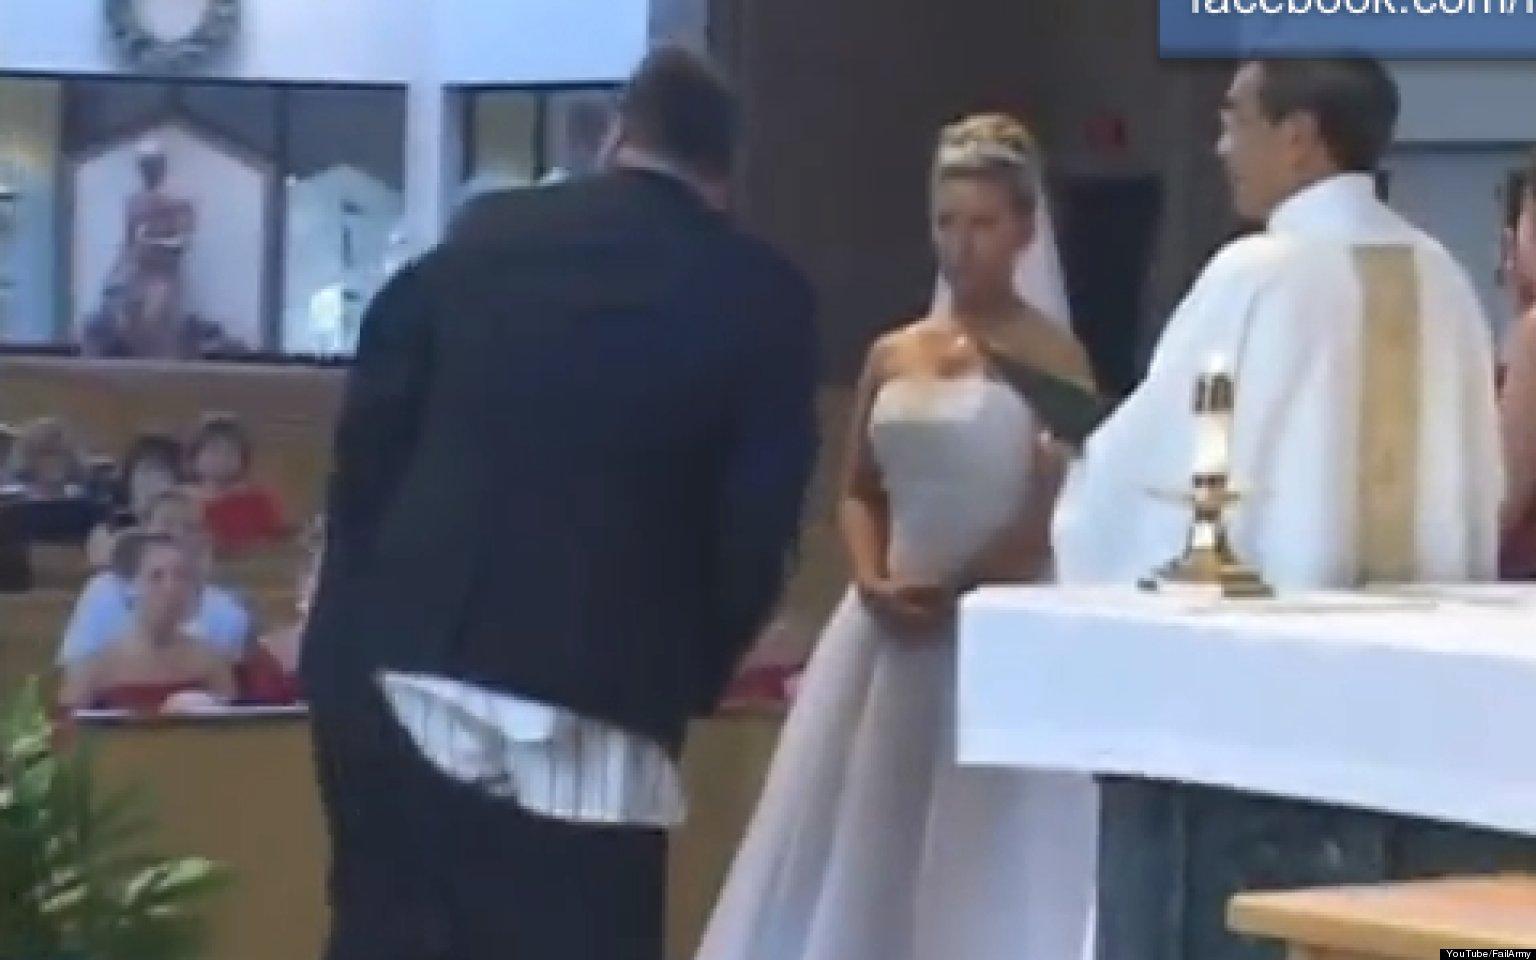 Senate Fail >> Wedding Fail 2012 Mashup From Fail Army Hits The Web (VIDEO)   HuffPost